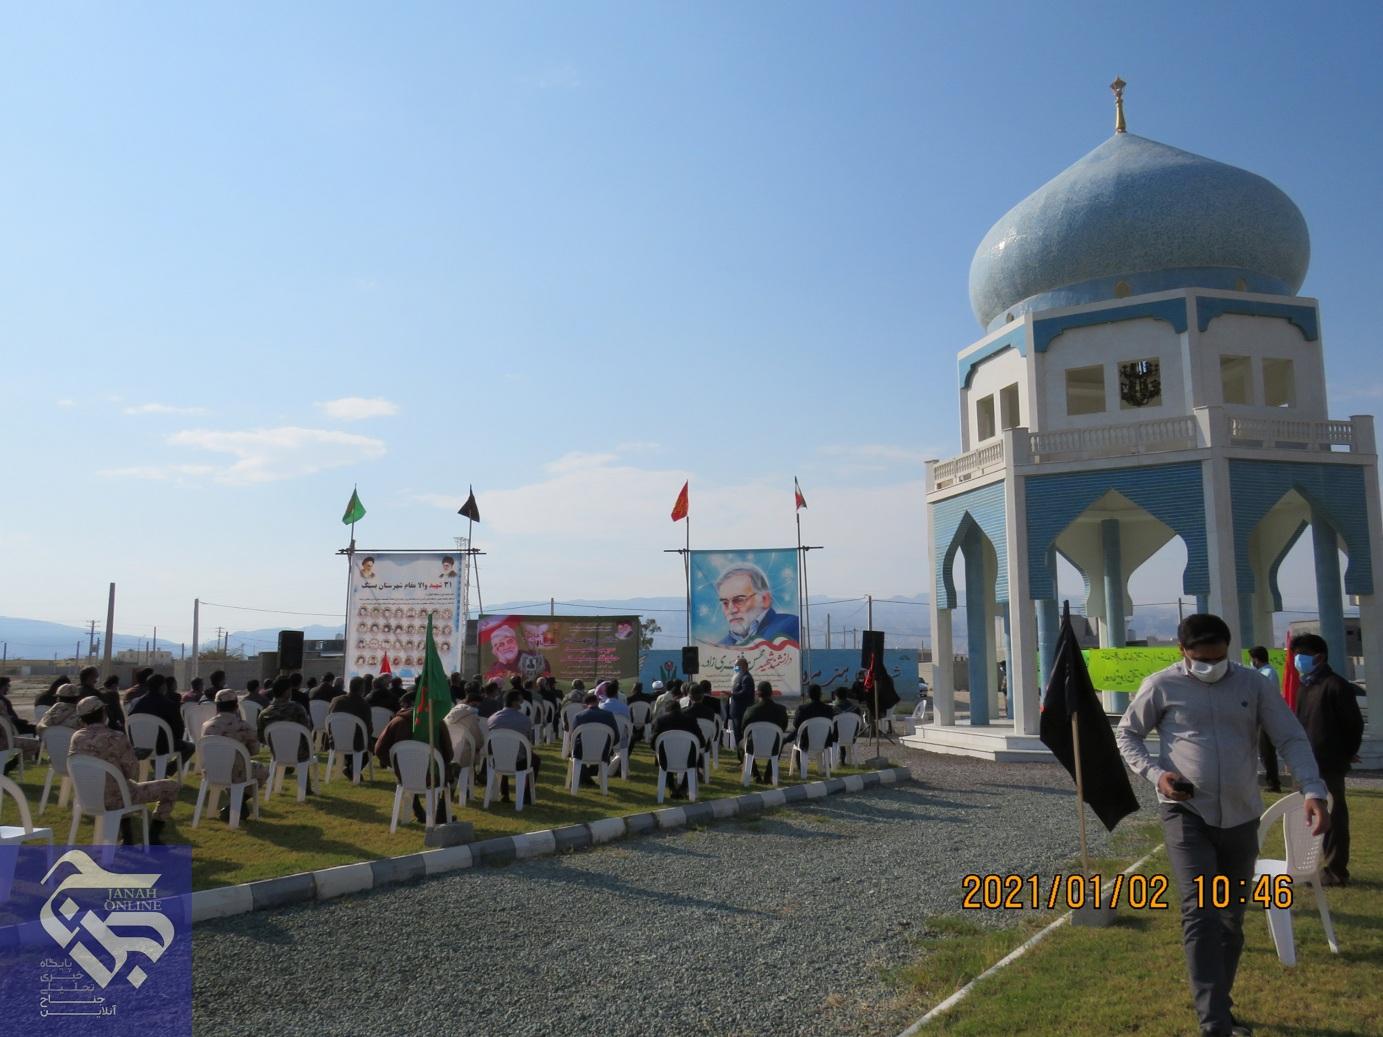 گزارش تصویری؛ مراسم سالگرد شهادت حاج قاسم سلیمانی و یادواره ۳۱ شهید شهرستان بستک در شهر جناح